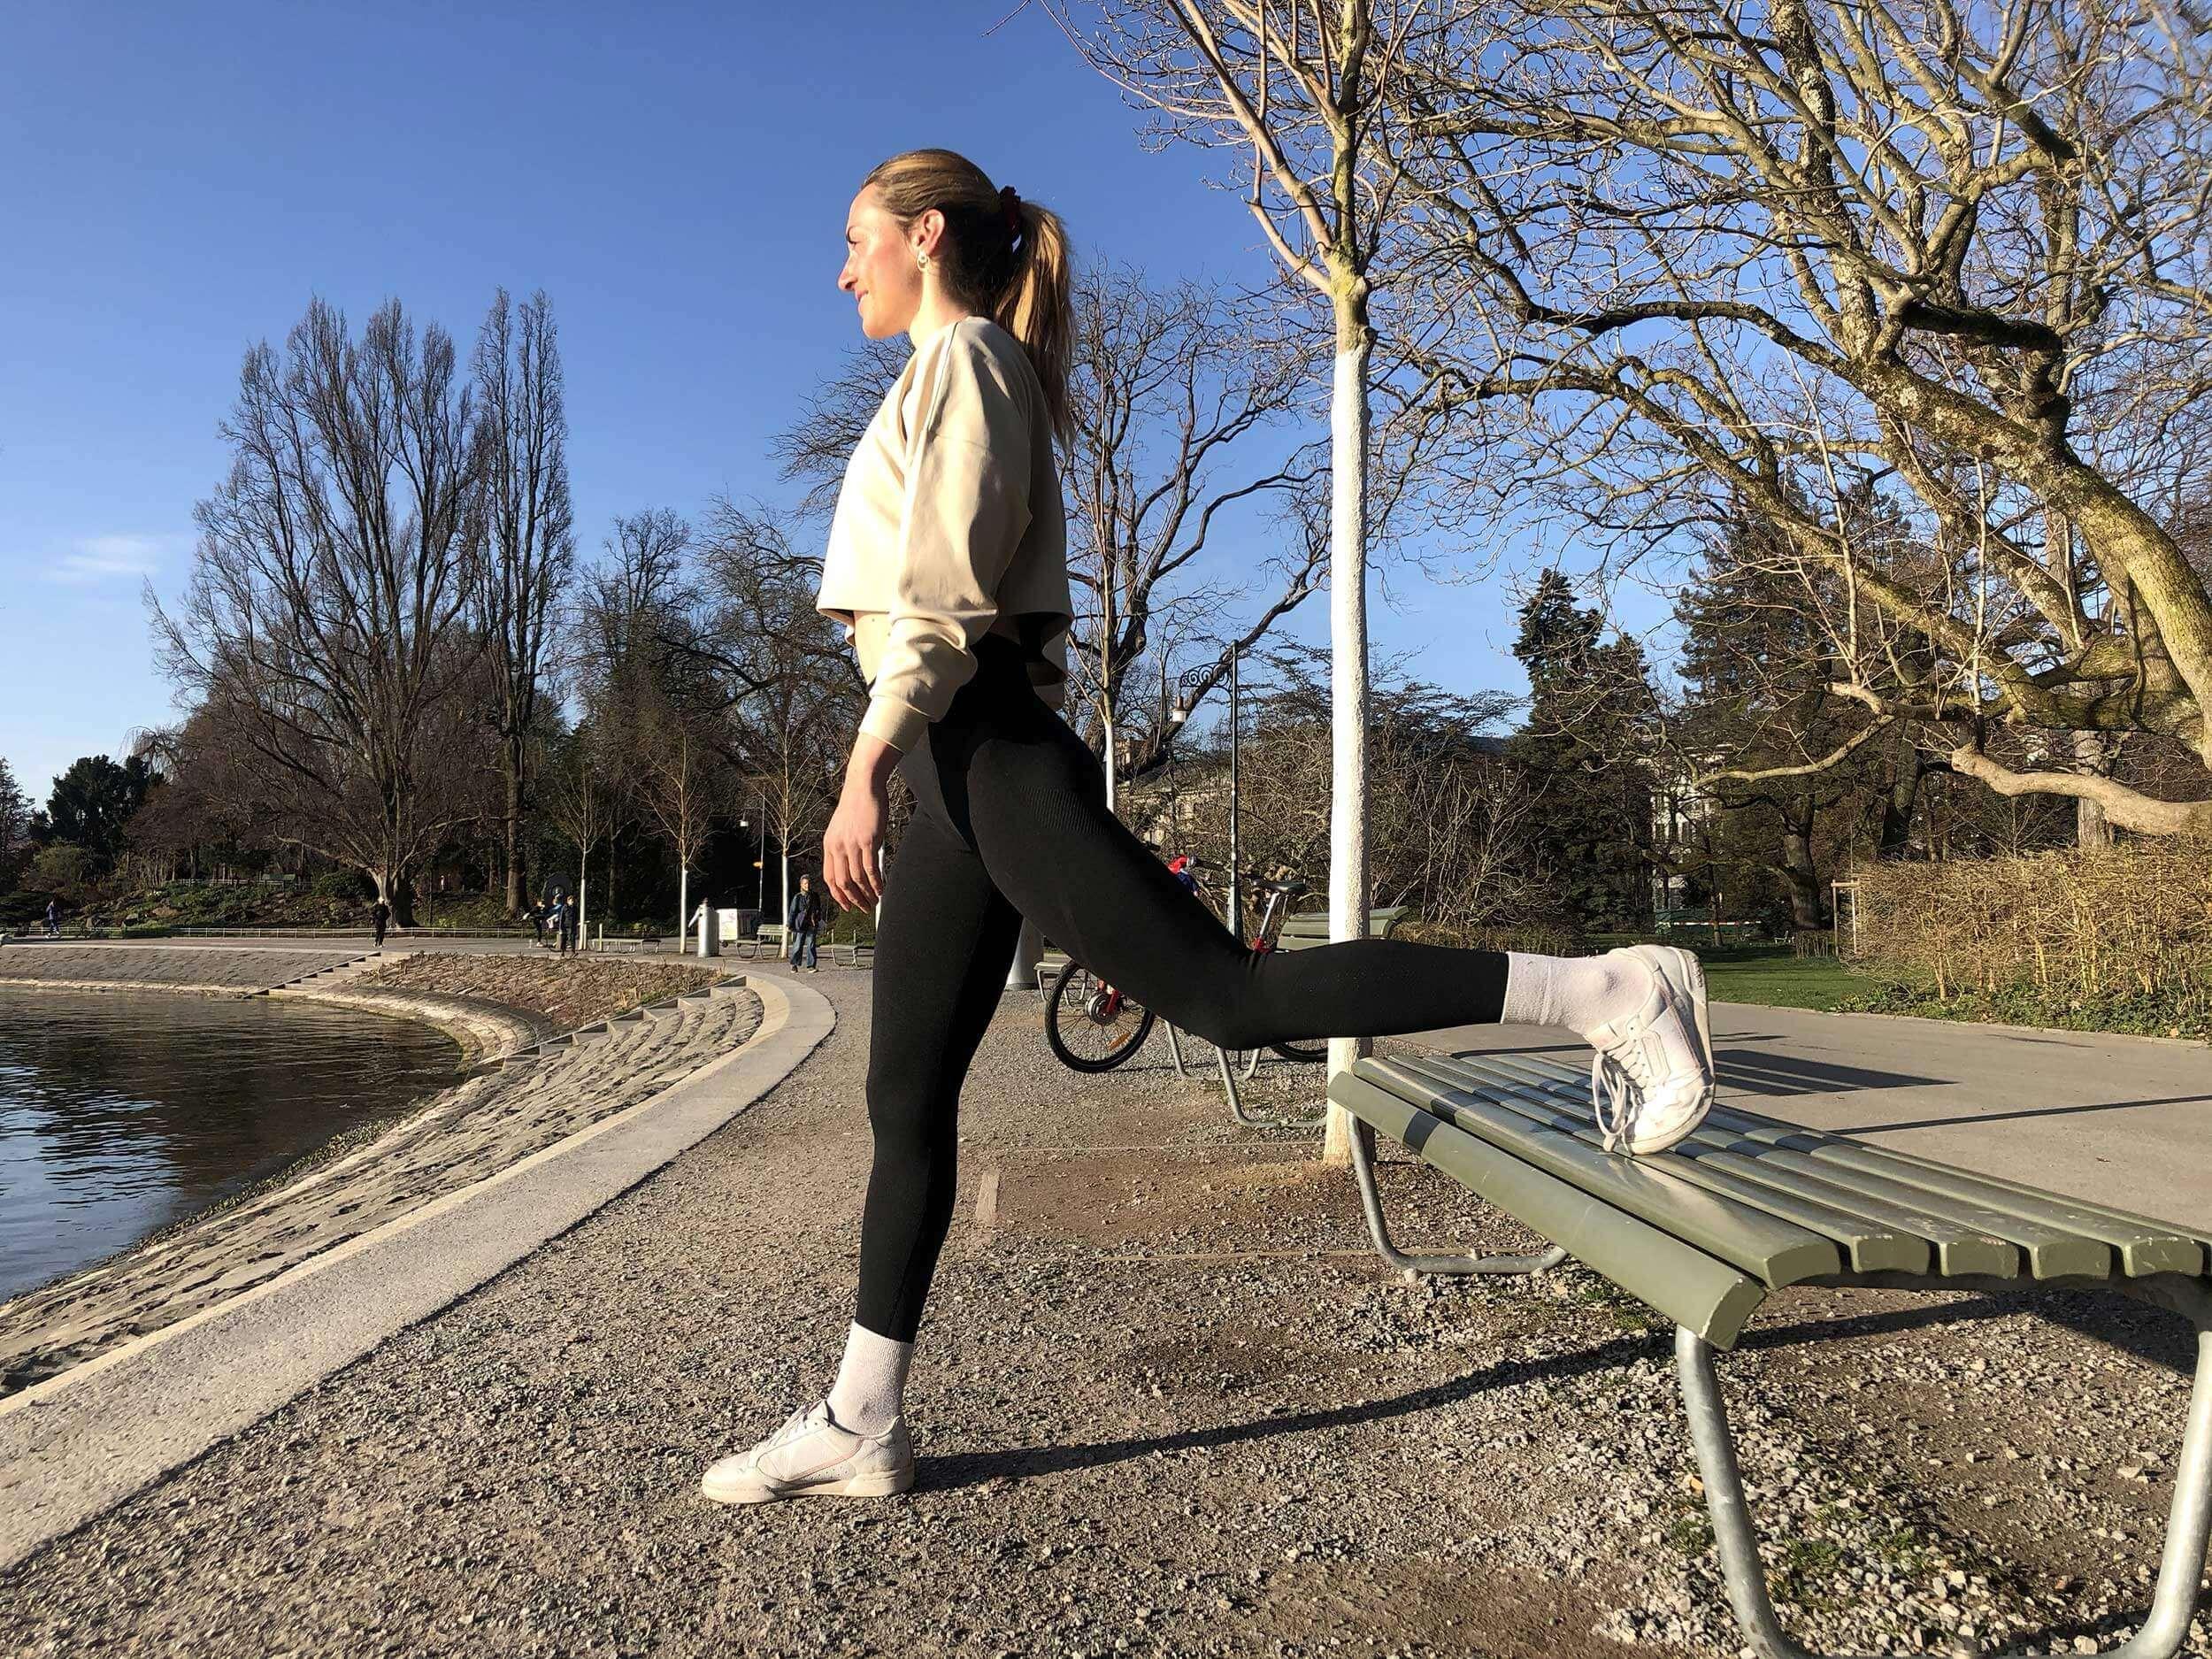 Qu'il s'agisse d'un banc de parc ou d'un petit mur, une légère élévation facilite les fentes et entraîne la stabilité.